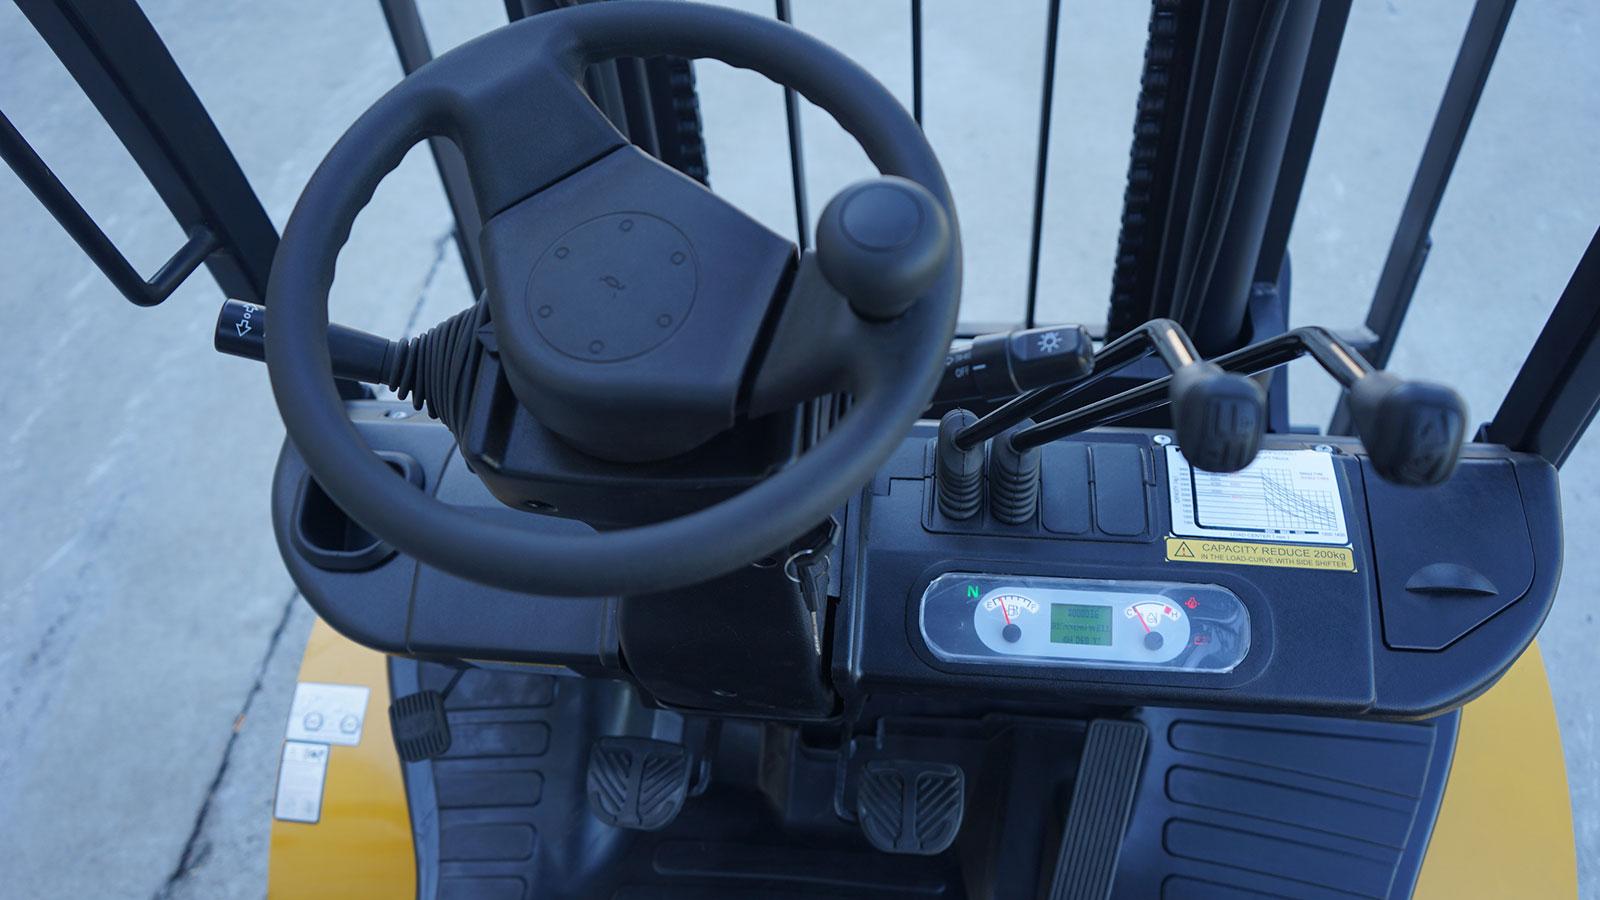 vô lăng xe nâng dầu mga forklift 4.5 tấn